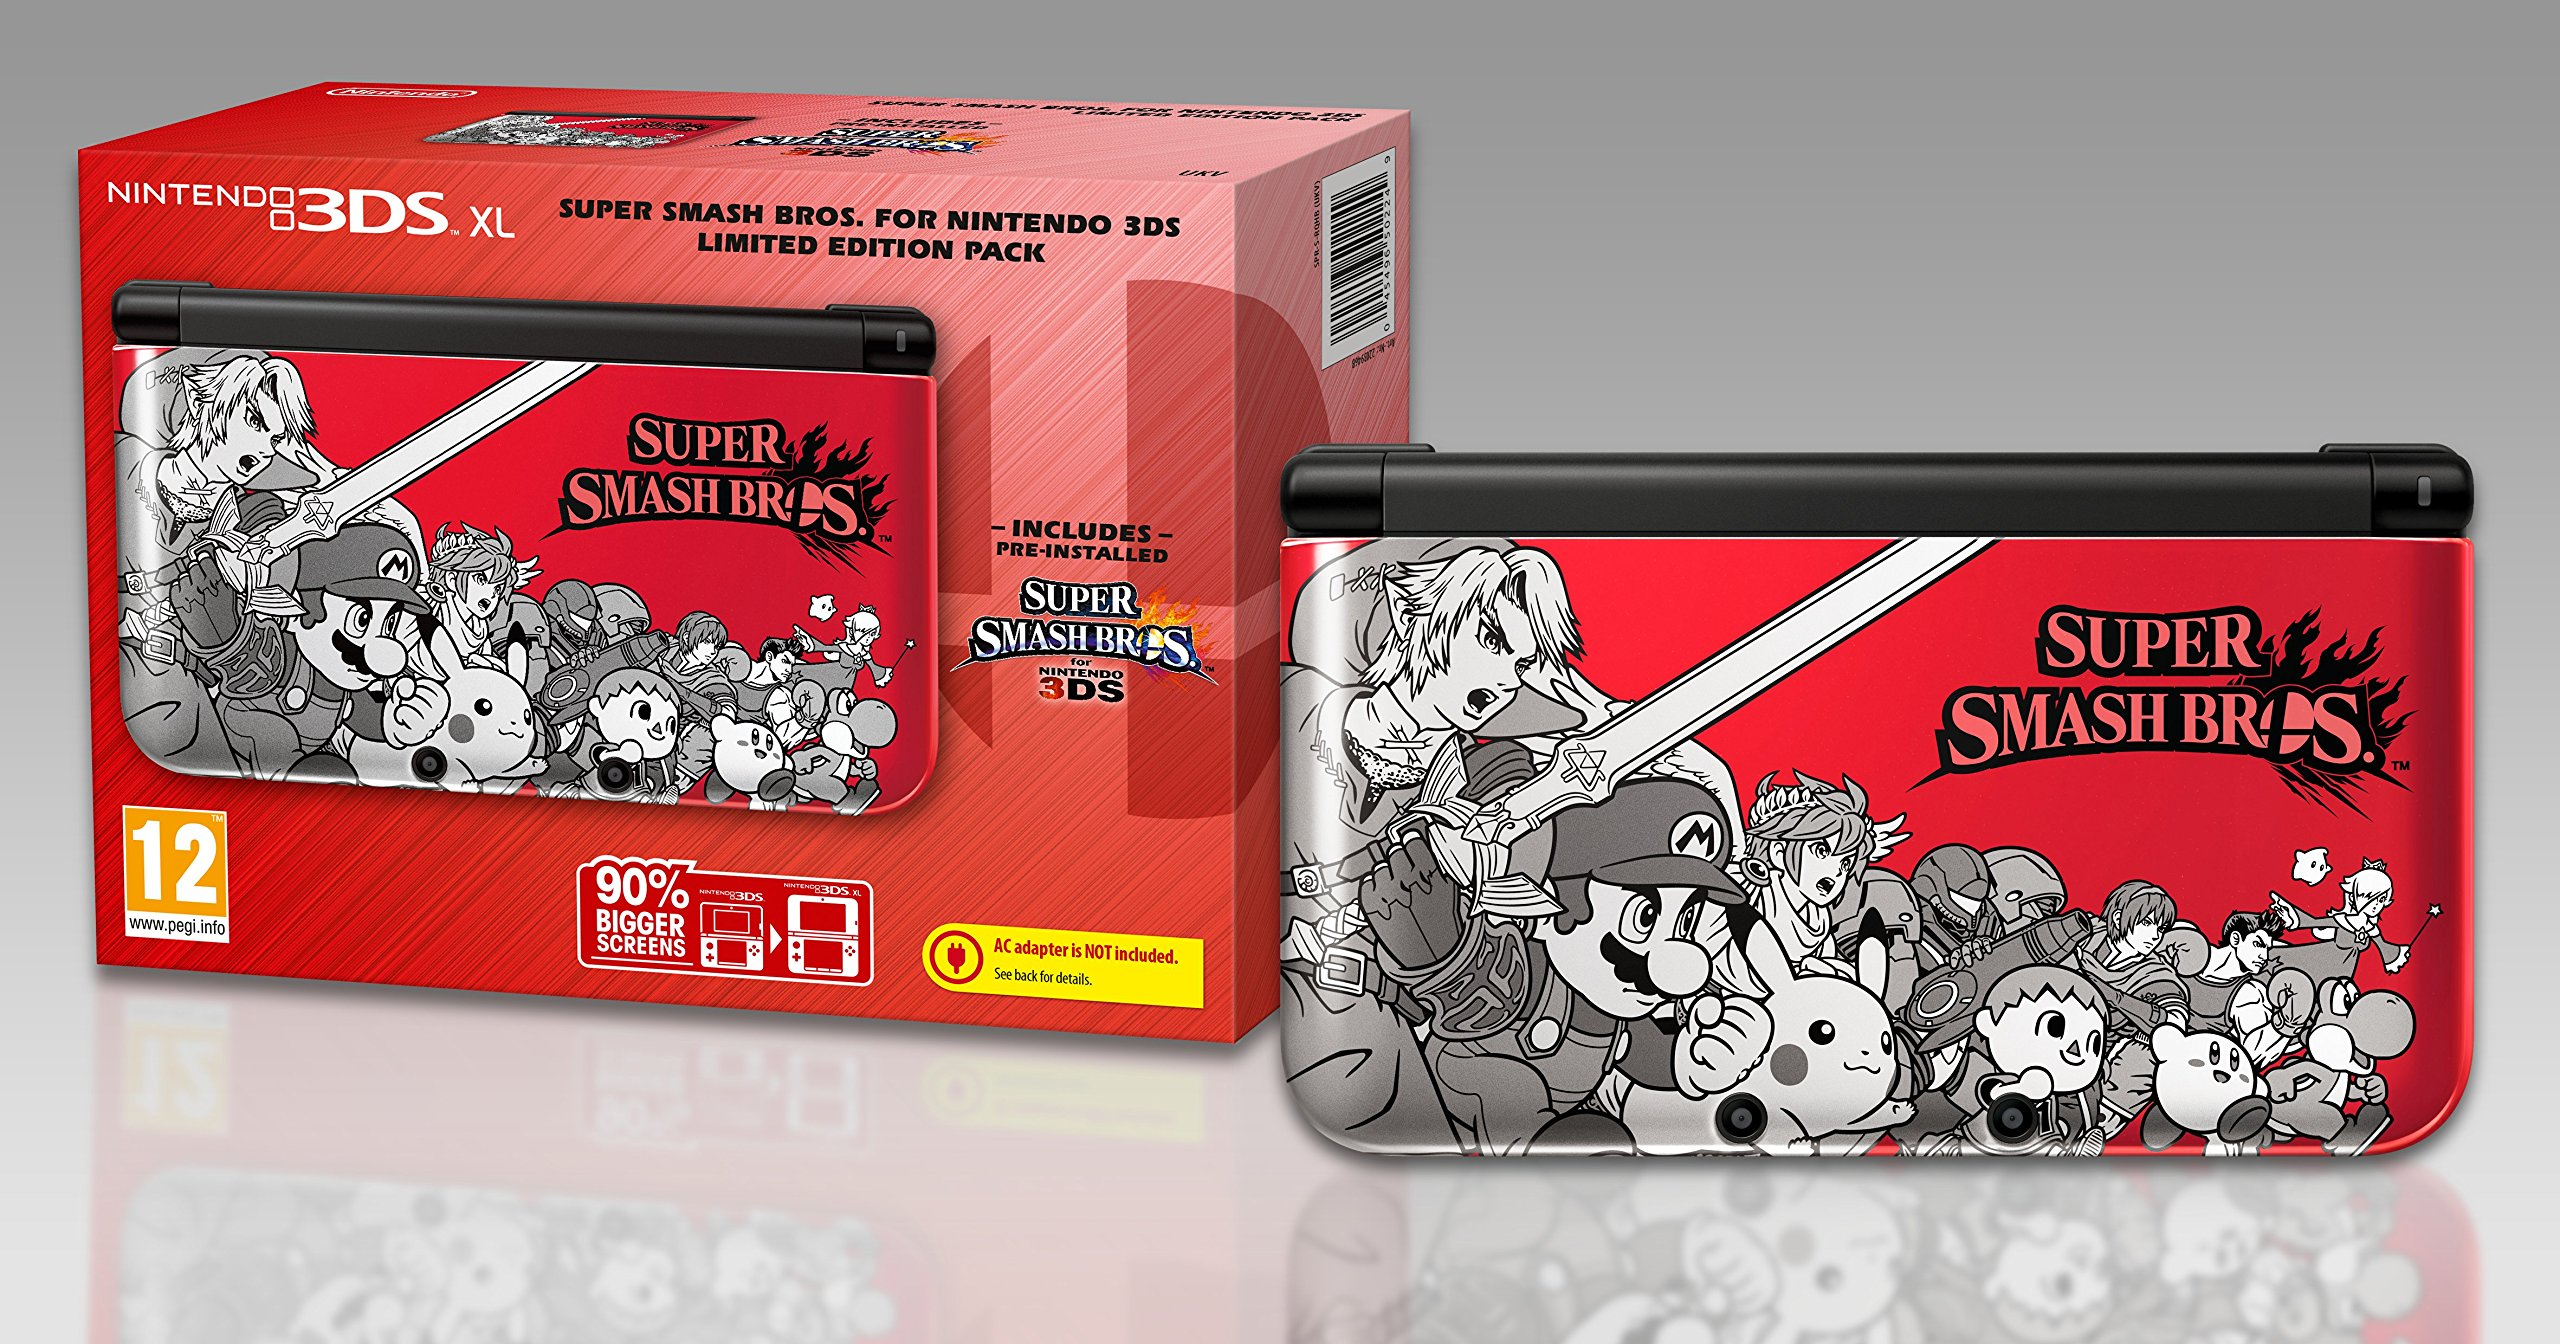 Nintendo Handheld Console 3Ds XL - Limited Edition with Super Smash Bros [Importación Inglesa]: Amazon.es: Videojuegos